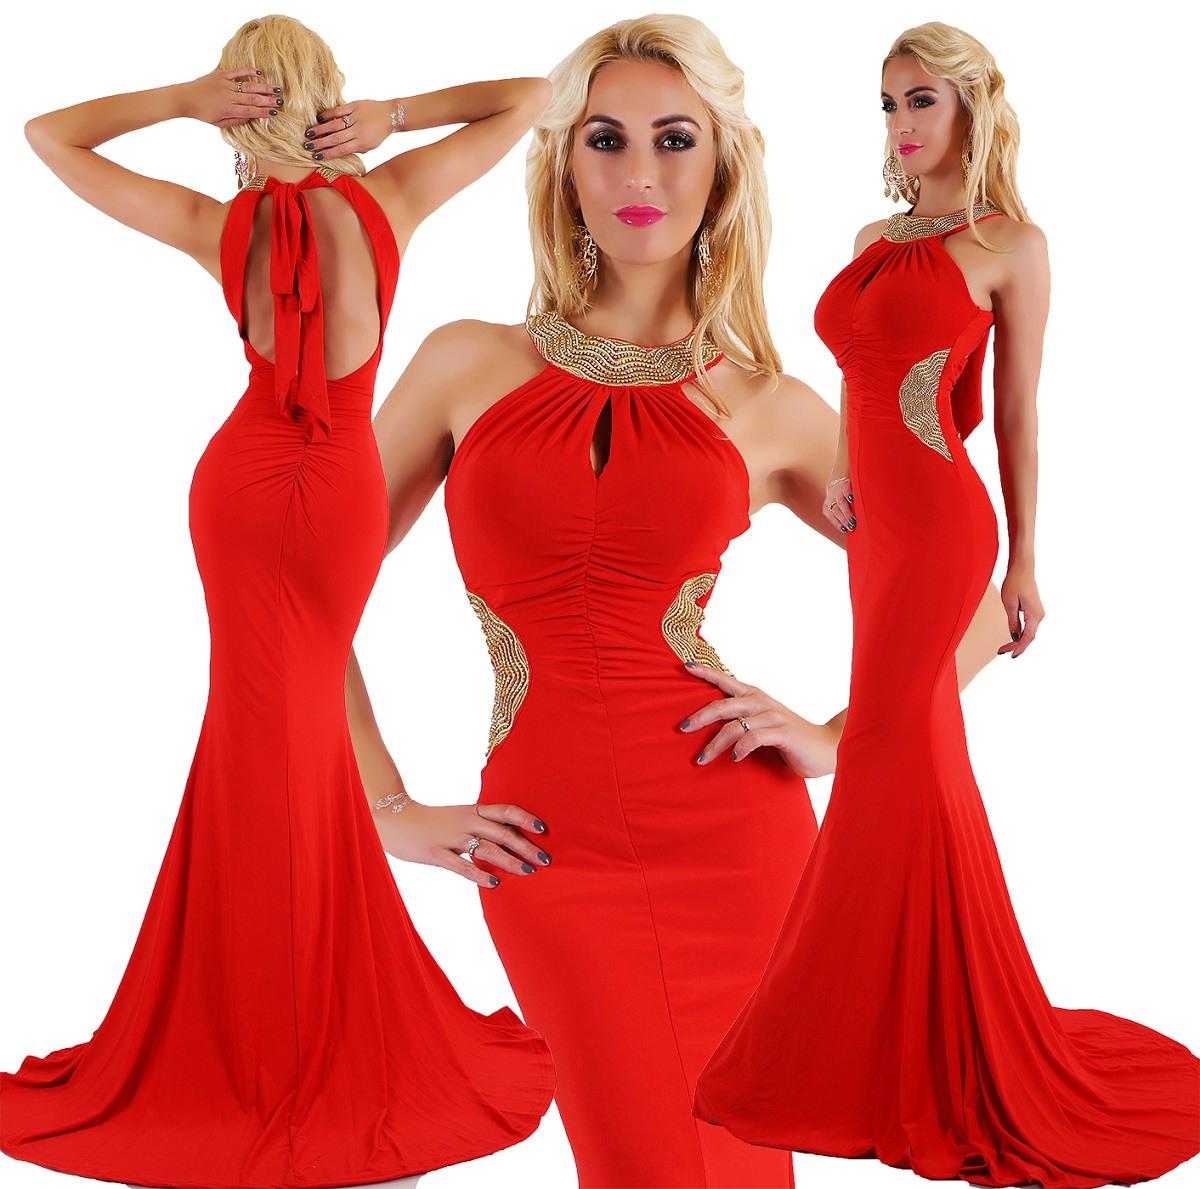 15 Erstaunlich Abendkleider Rückenfrei Stylish13 Einzigartig Abendkleider Rückenfrei Boutique